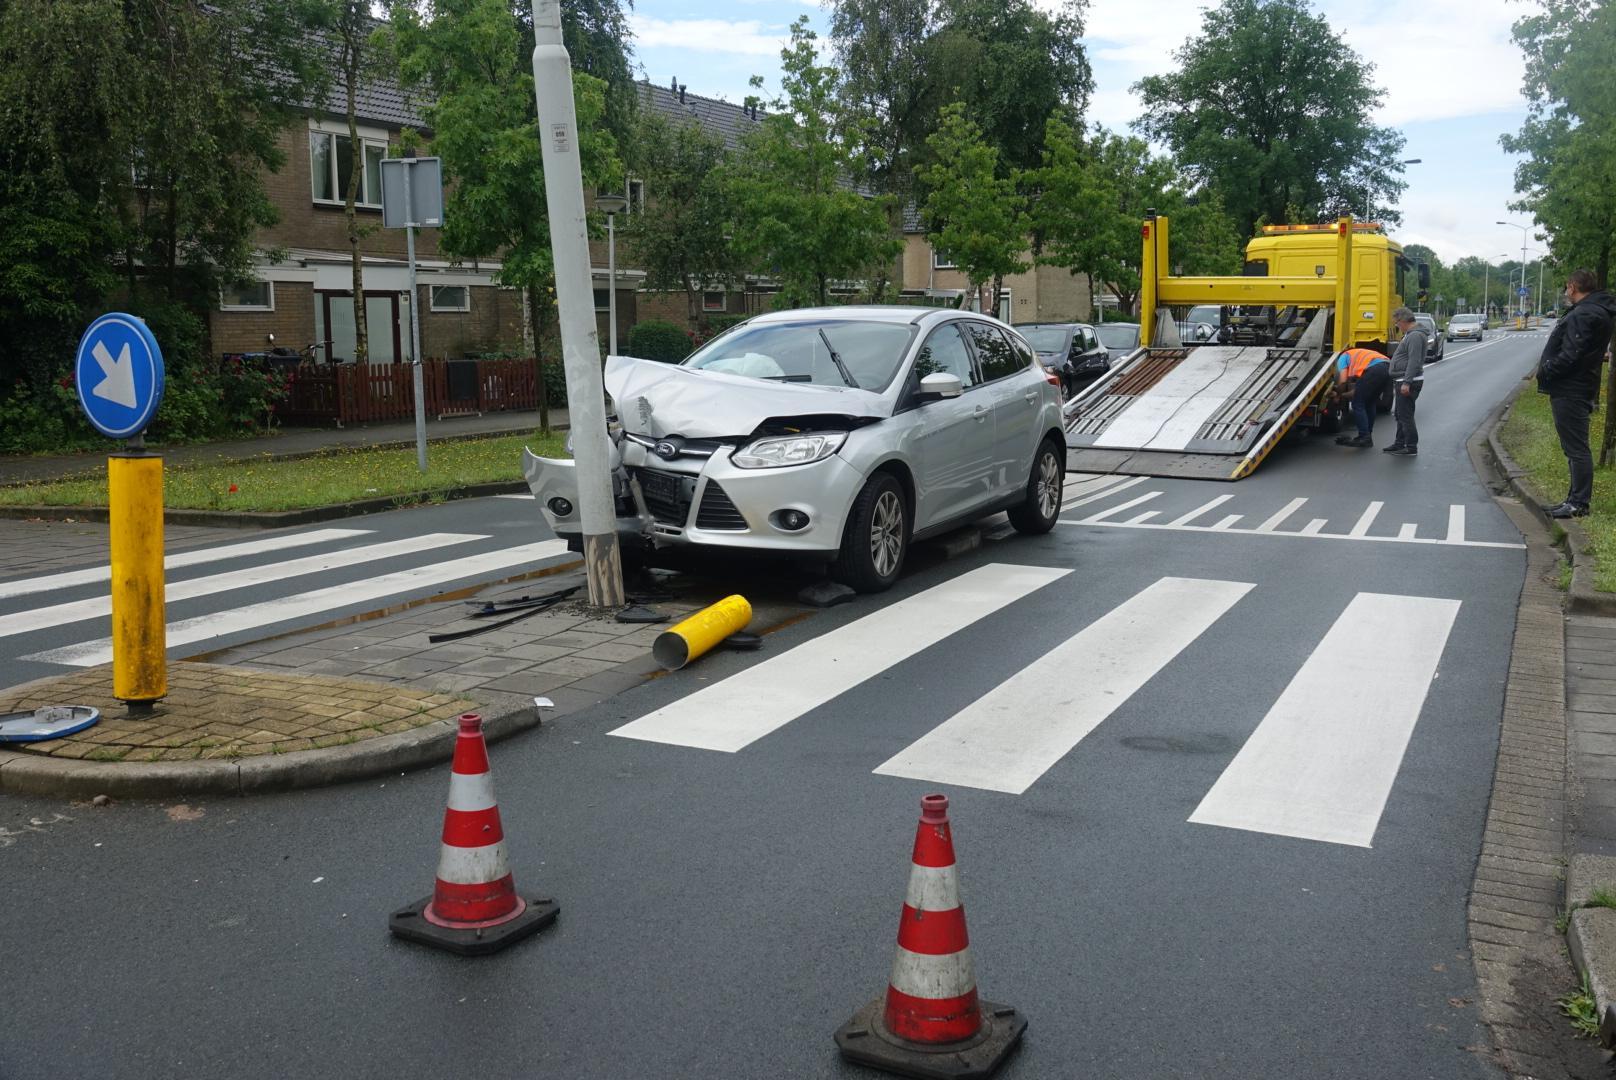 Auto botst tegen lantaarnpaal in Zaandam, bestuurder ongedeerd